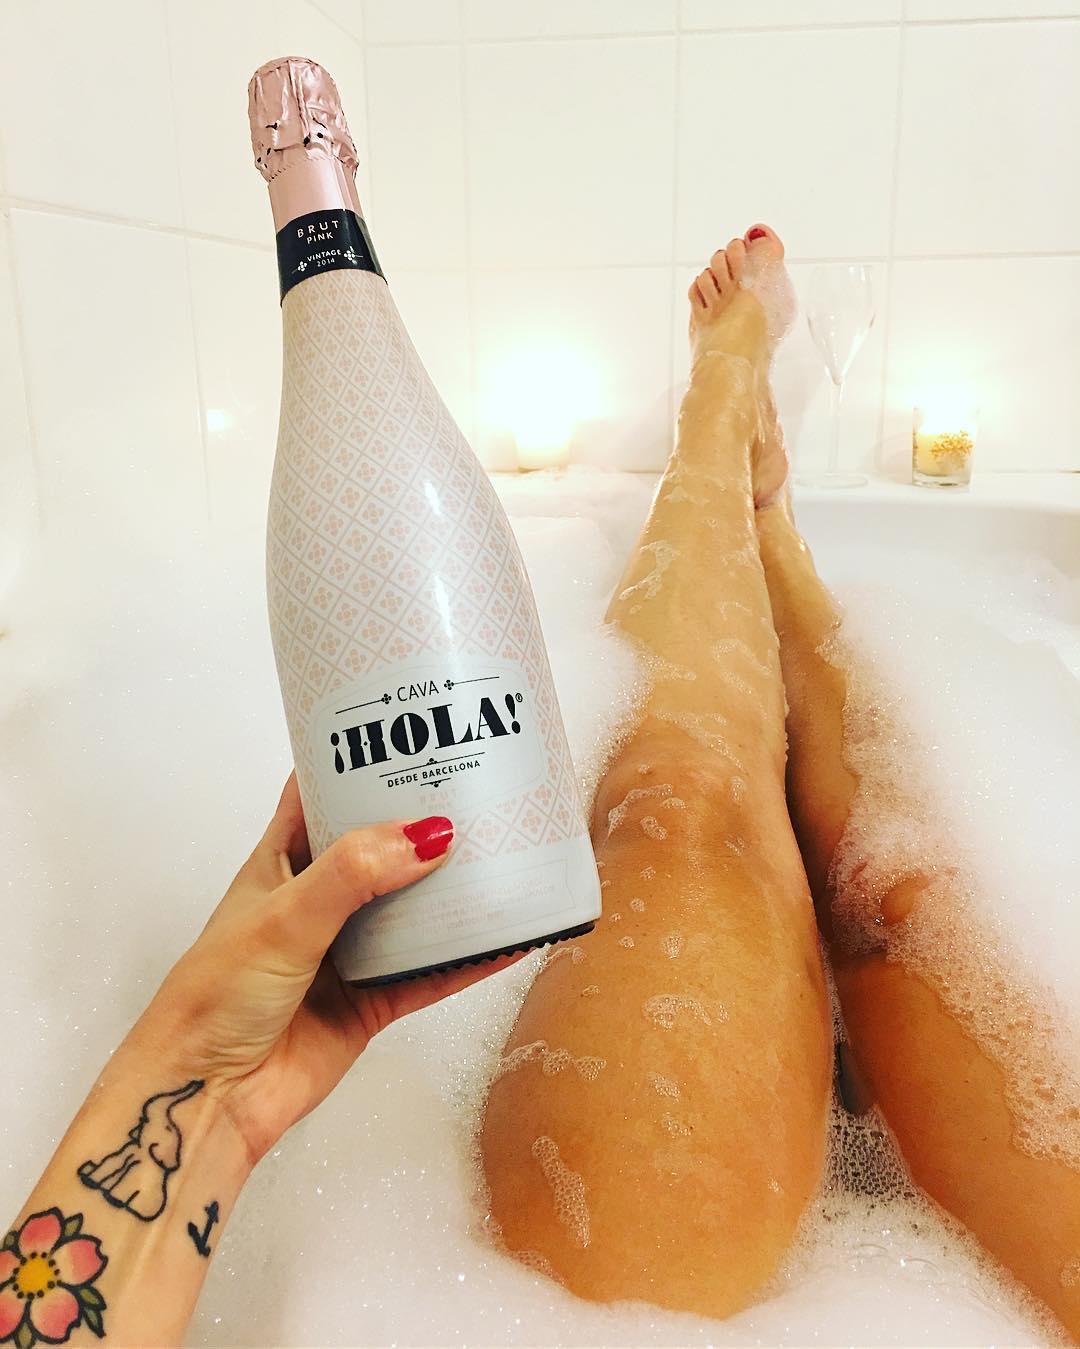 3B PARTY ?Bain, Bulles, Bougies ? l'occasion de vous présenter chaque dimanche un apéro à prendre dans son bain ?? Ce soir je vous présente le cava barcelonais @holacava ! Un brut sympathique avec un packaging so girly ? À la vôtre !  ______ #3Bparty #bathparty #mood #poolparty #homesweethome #montpellier #selfeet #bath #lush #lushbomb #lushmontpellier #blogMode #FashionBlog #Blog #blogueuse #PintadeMontpellier #blogmode #blogfashion #beauty #beaute #blogbeaute #beautyblog #sundaylush #holacava #cava